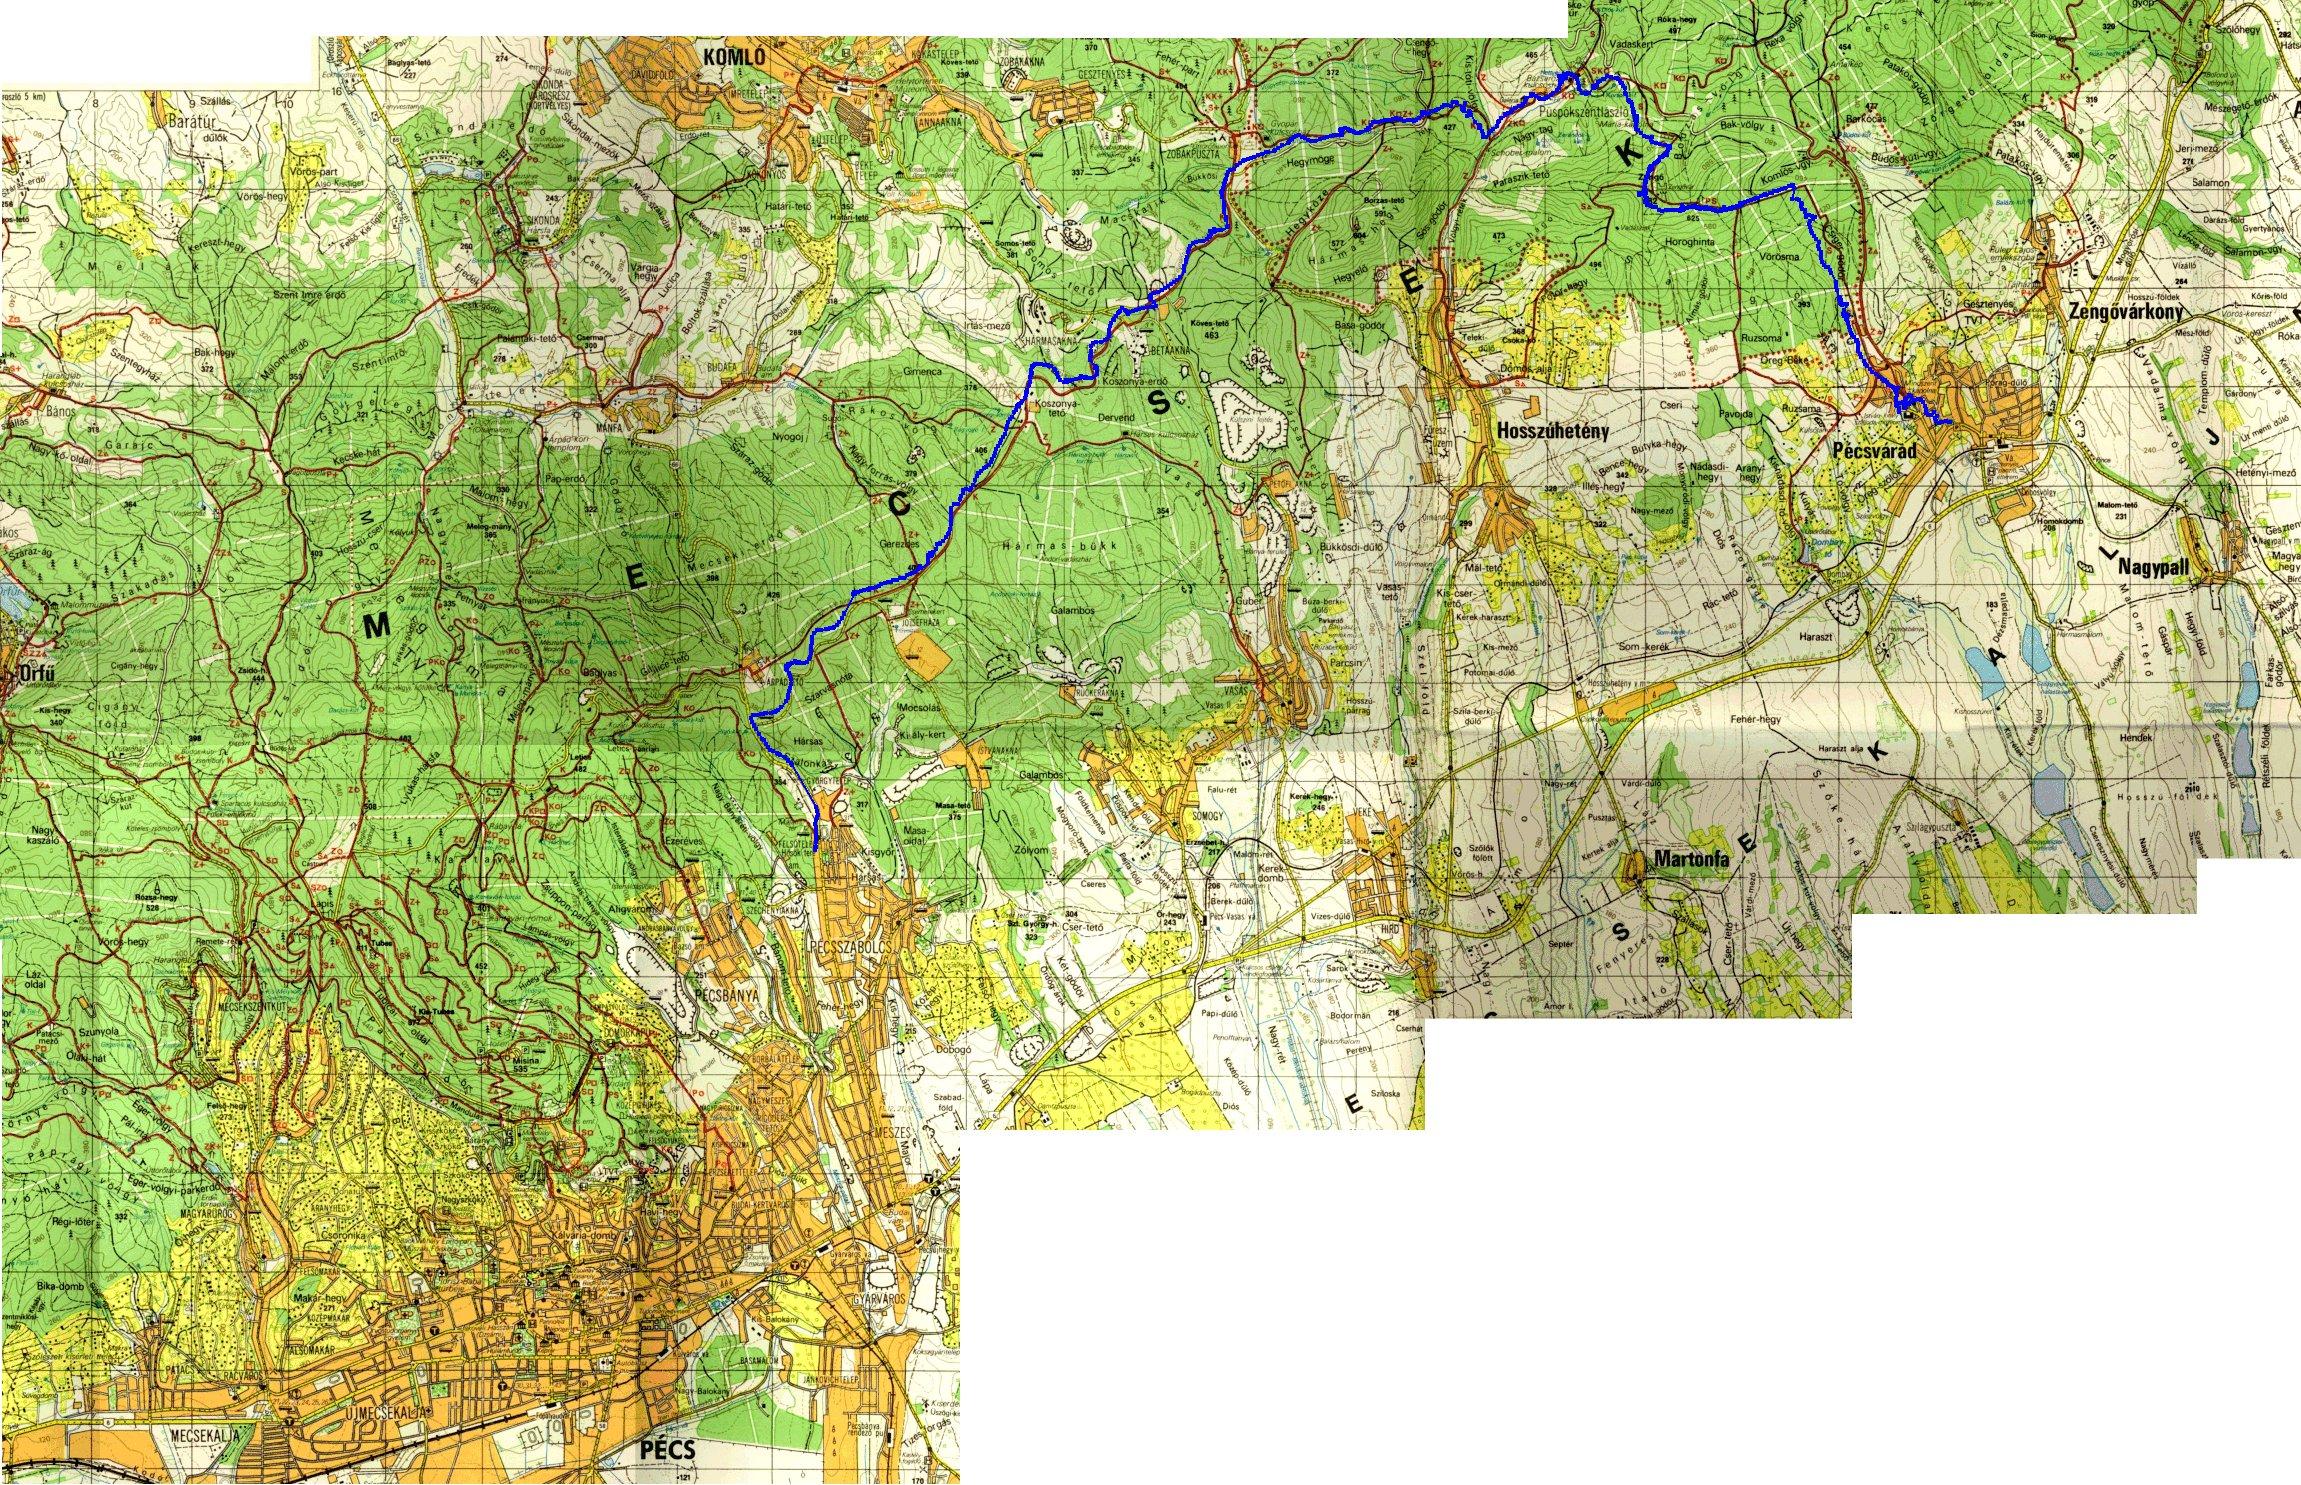 bakony domborzati térkép Aranyosfodorka napjai: Tájékozódás (Hálás vagyok a sorsnak 3.) bakony domborzati térkép